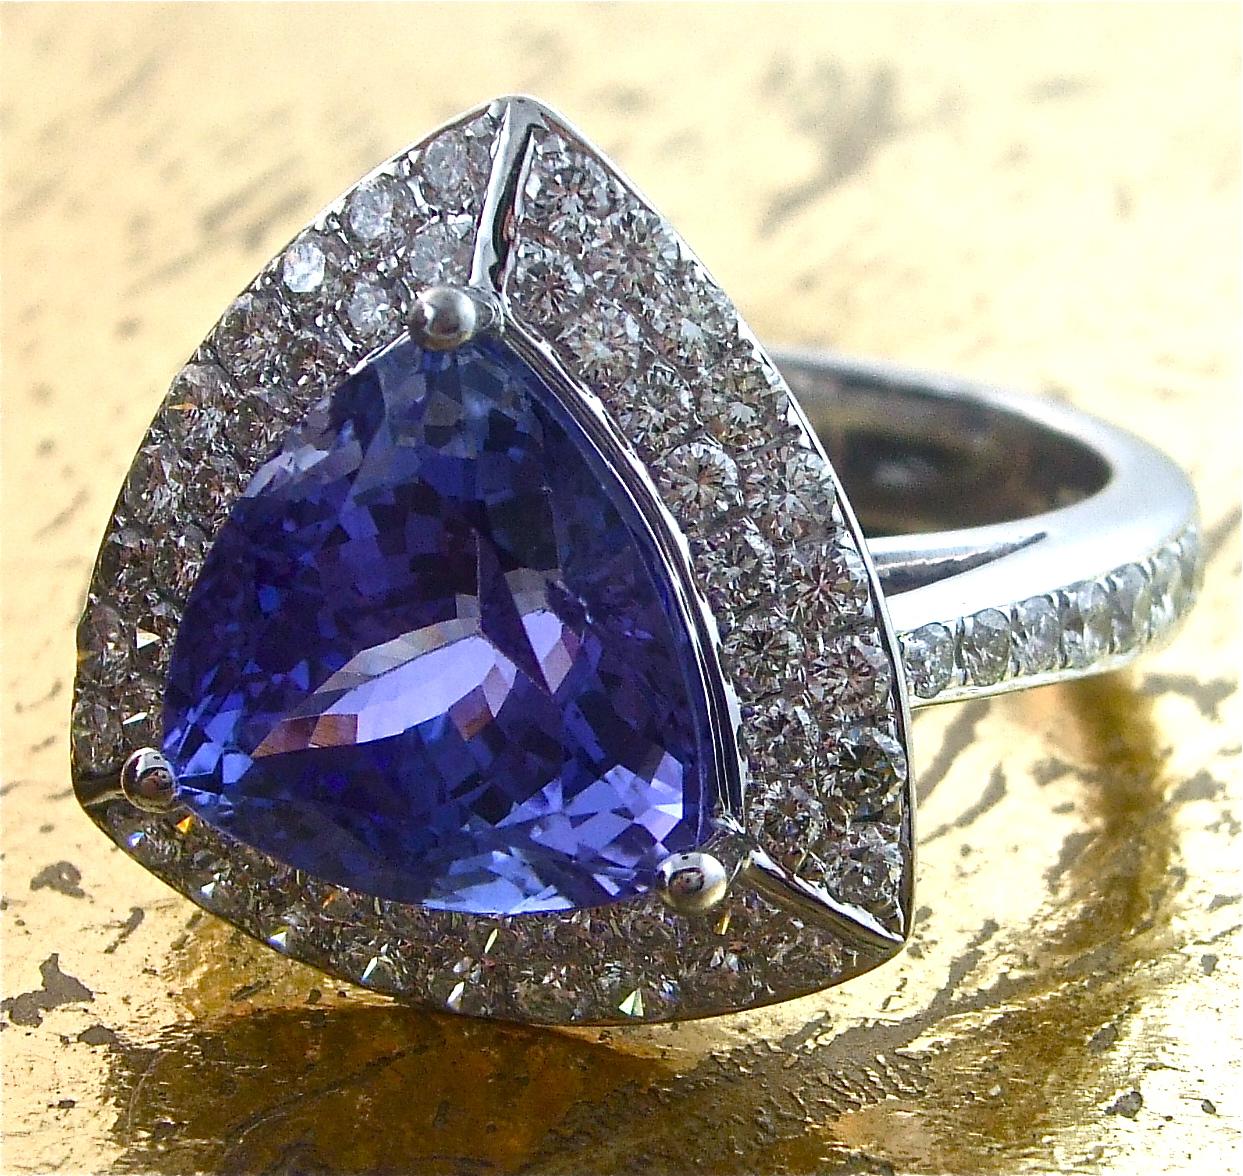 Tanzanite Ring with 2 rows of Round Diamonds - Item No: 0013395